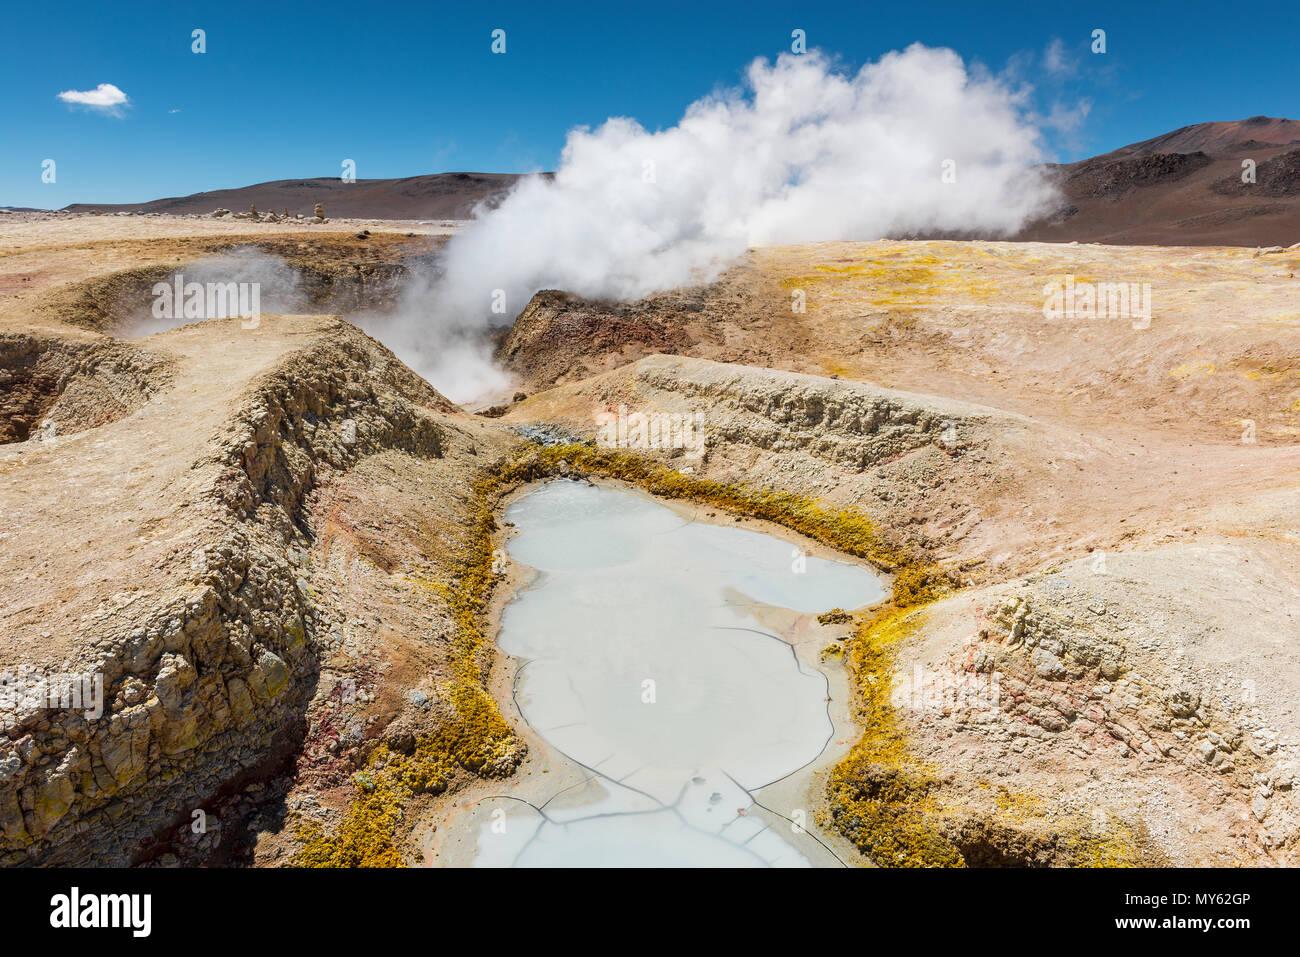 Die vulkanische Aktivität der Sol de Mañana in Bolivien zwischen Chile und der Uyuni Salzsee. Mud-pits und Fumarolen mit Wasserdampf Wanderwege in den Anden. Stockbild